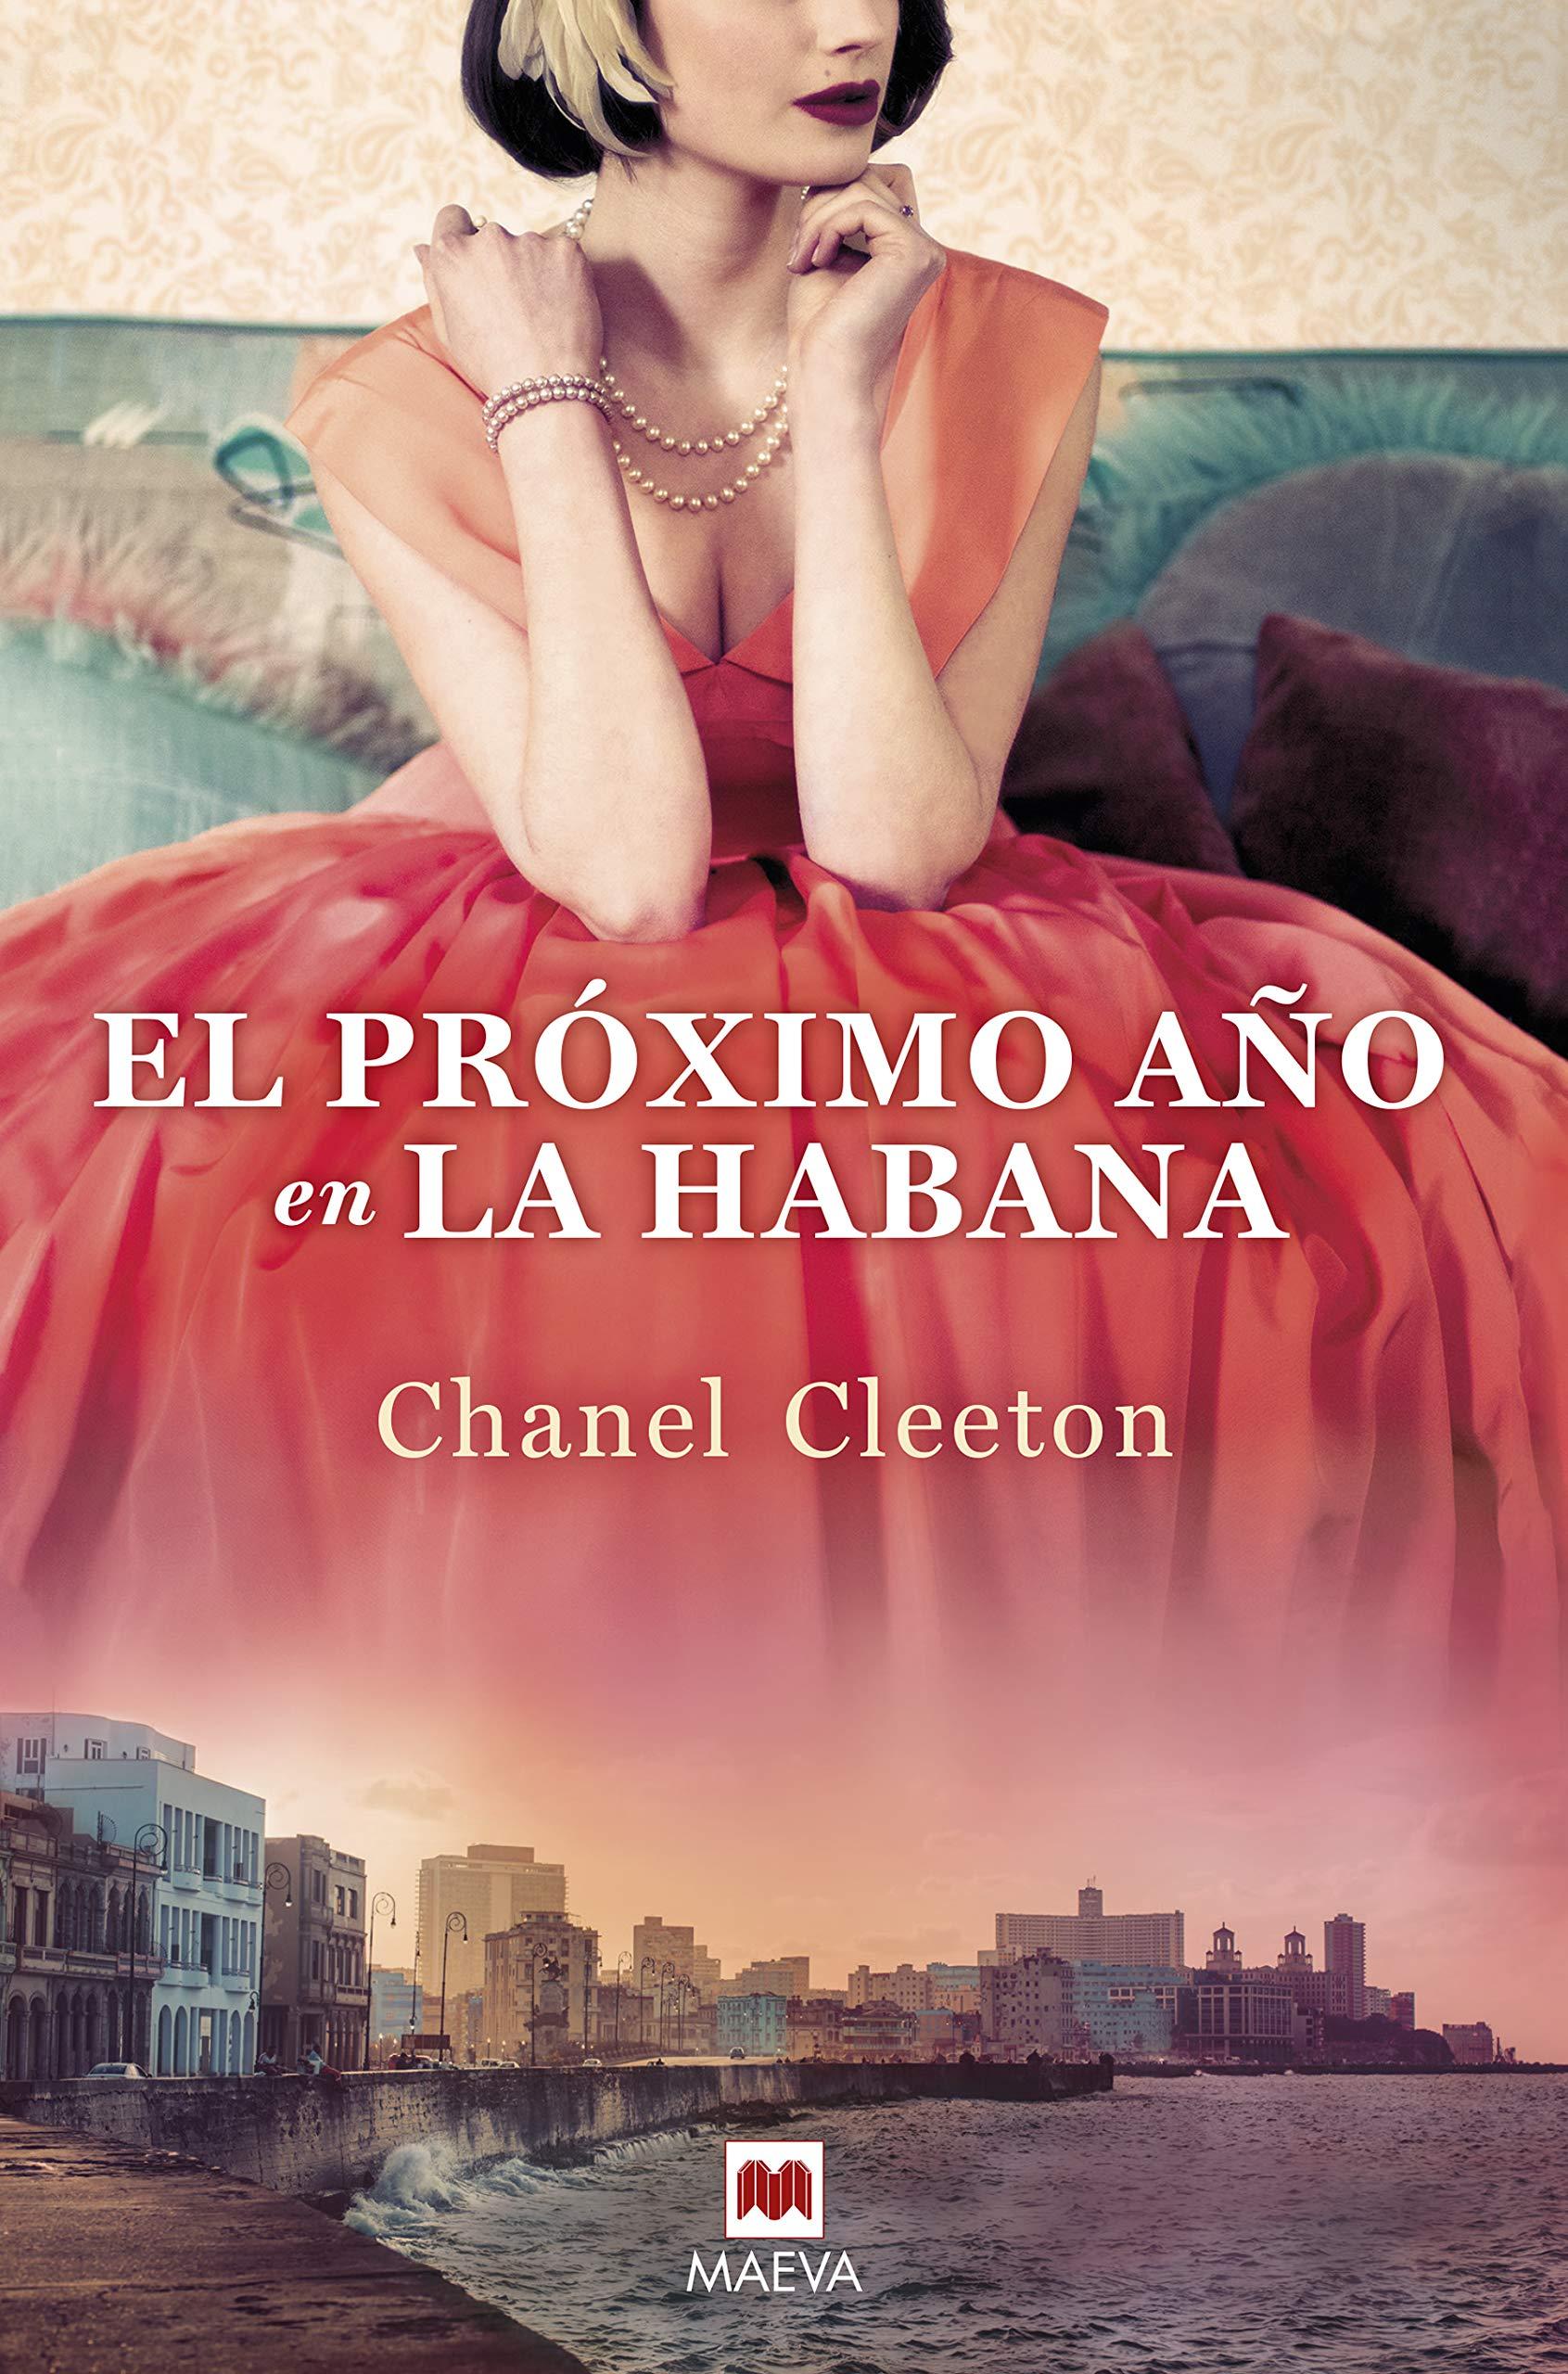 El próximo año en La Habana: Una revolucionaria historia conecta el destino  de una familia con la verdad de sus recuerdos (Grandes Novelas) (Spanish  Edition): Cleeton, Chanel, Abella Villar, Álvaro: 9788418184116: Amazon.com: